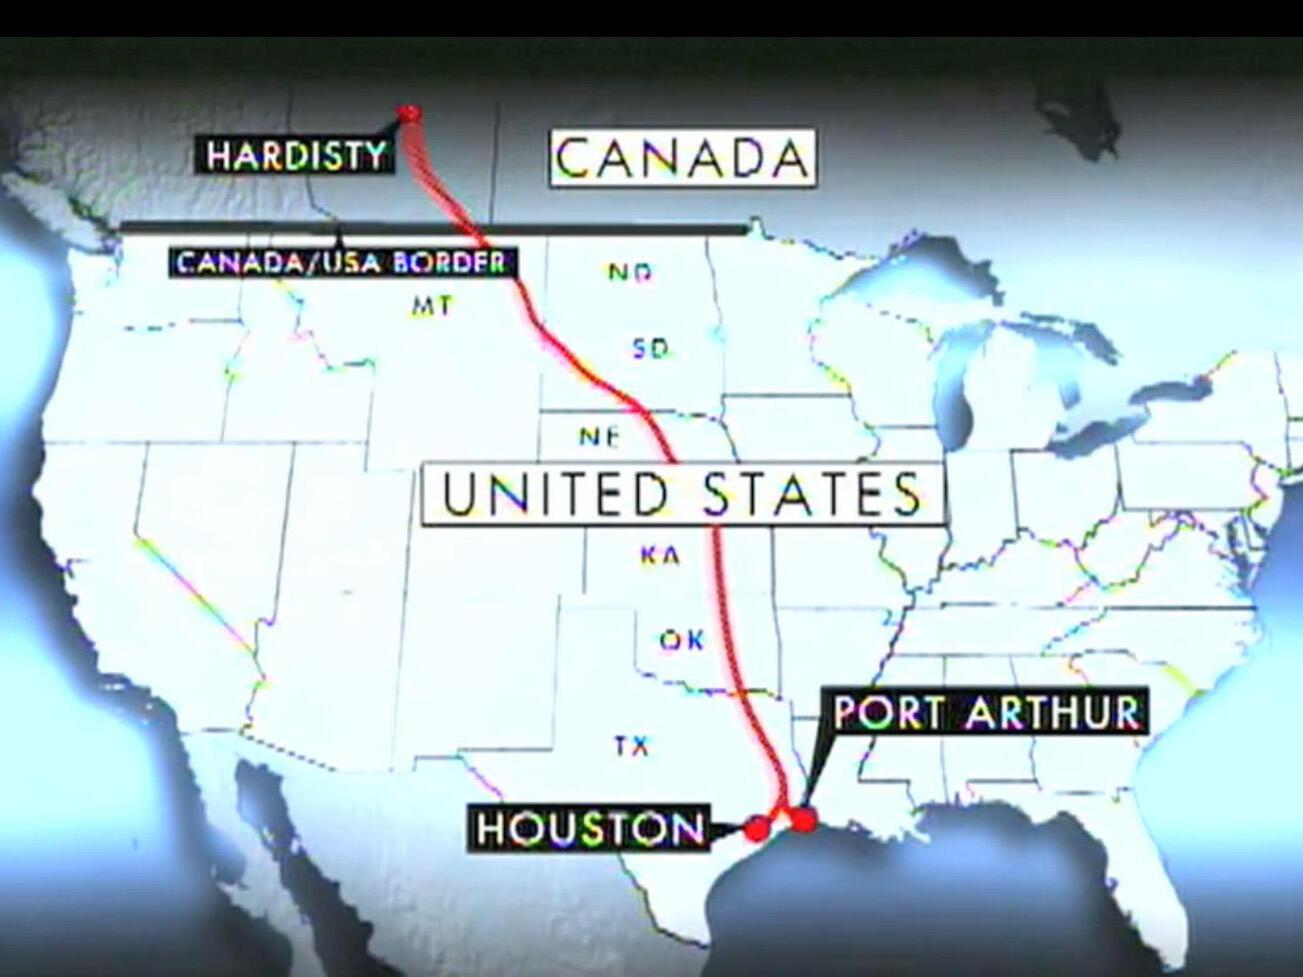 El oleoducto partirá de Alberta, Canadá, y atravesará seis estados estadounidenses hasta Texas.